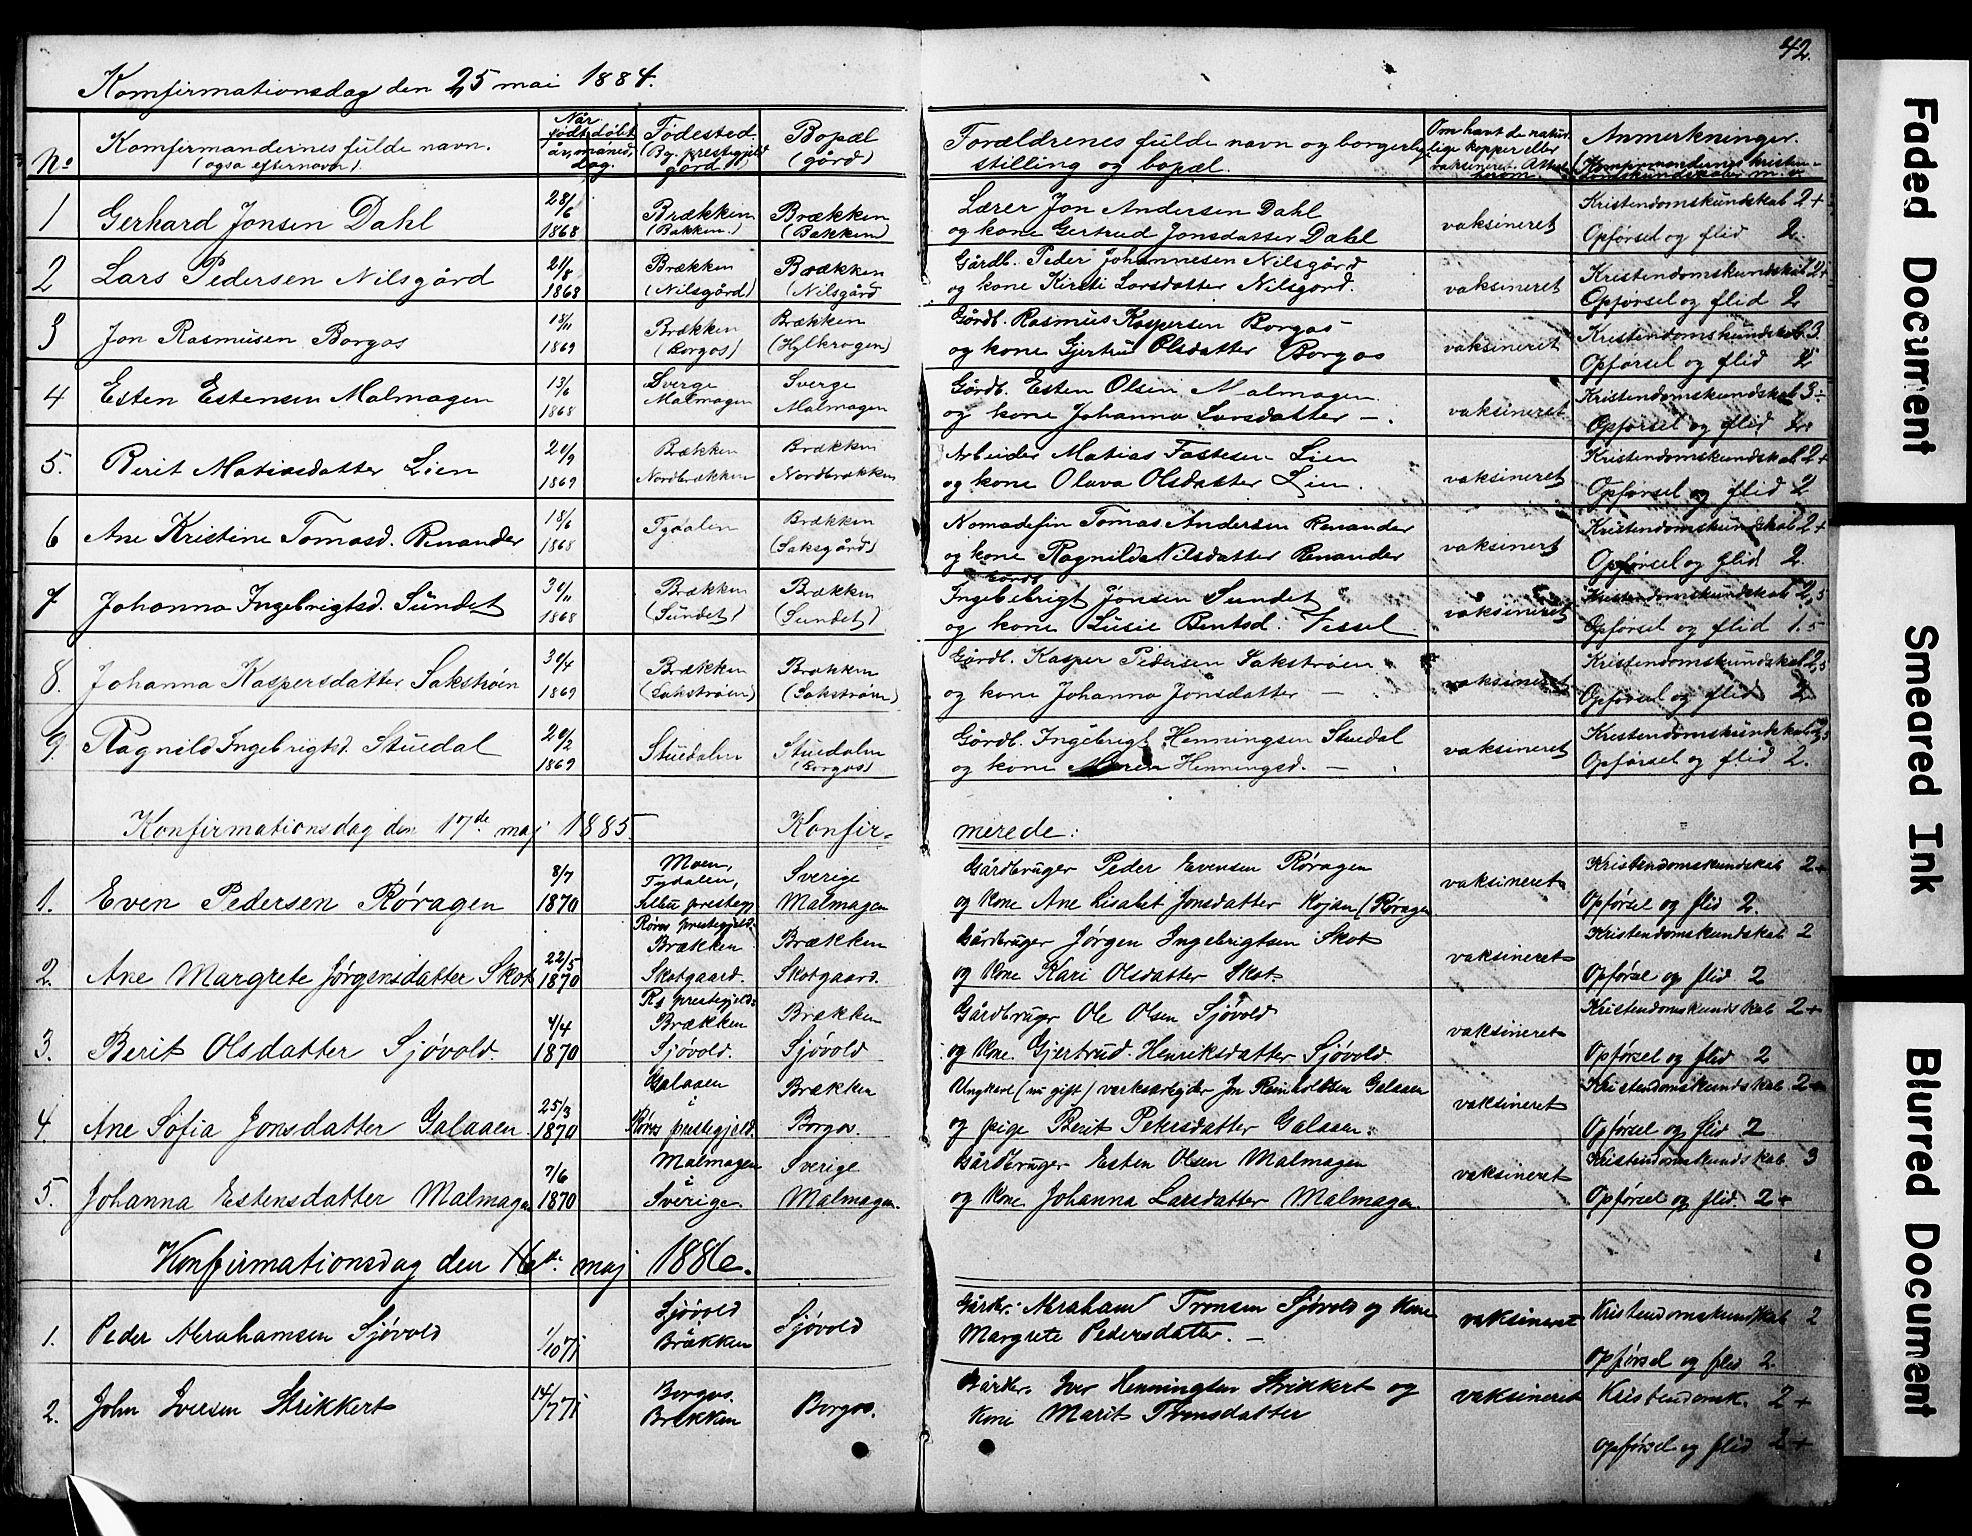 SAT, Ministerialprotokoller, klokkerbøker og fødselsregistre - Sør-Trøndelag, 683/L0949: Klokkerbok nr. 683C01, 1880-1896, s. 42